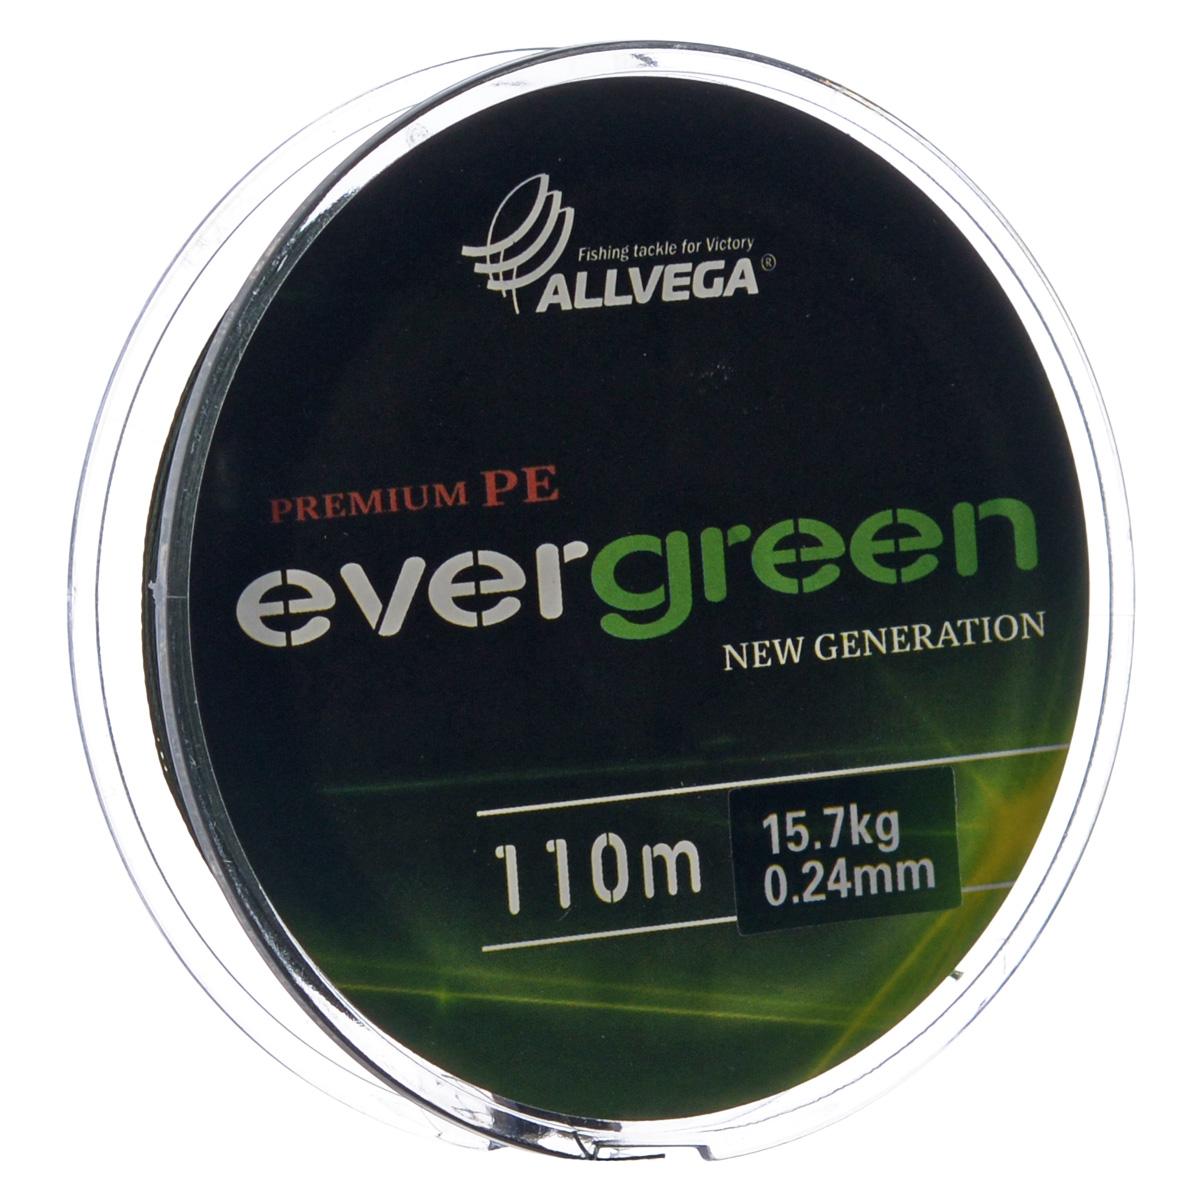 Леска плетеная Allvega Evergreen, цвет: темно-зеленый, 110 м, 0,24 мм, 15,7 кг46925Плетеная леска Allvega Evergreen очень прочная и способна выдержать сильные нагрузки. Благодаря высококачественному сырью леска Allvega Allvega Evergreen максимально устойчива к любым погодным условиям и особенностям каждого водоема. При традиционных методах производства плетеные шнуры со временем теряют свой цвет (покрытие), а вместе с ним и часть своих полезных физических свойств. Революционно новый подход в технологии изготовления лесок Allvega Evergreen позволяет забыть о проблеме потери цвета в процессе использования шнура. Он всегда будет зеленым - он просто не может быть другим!